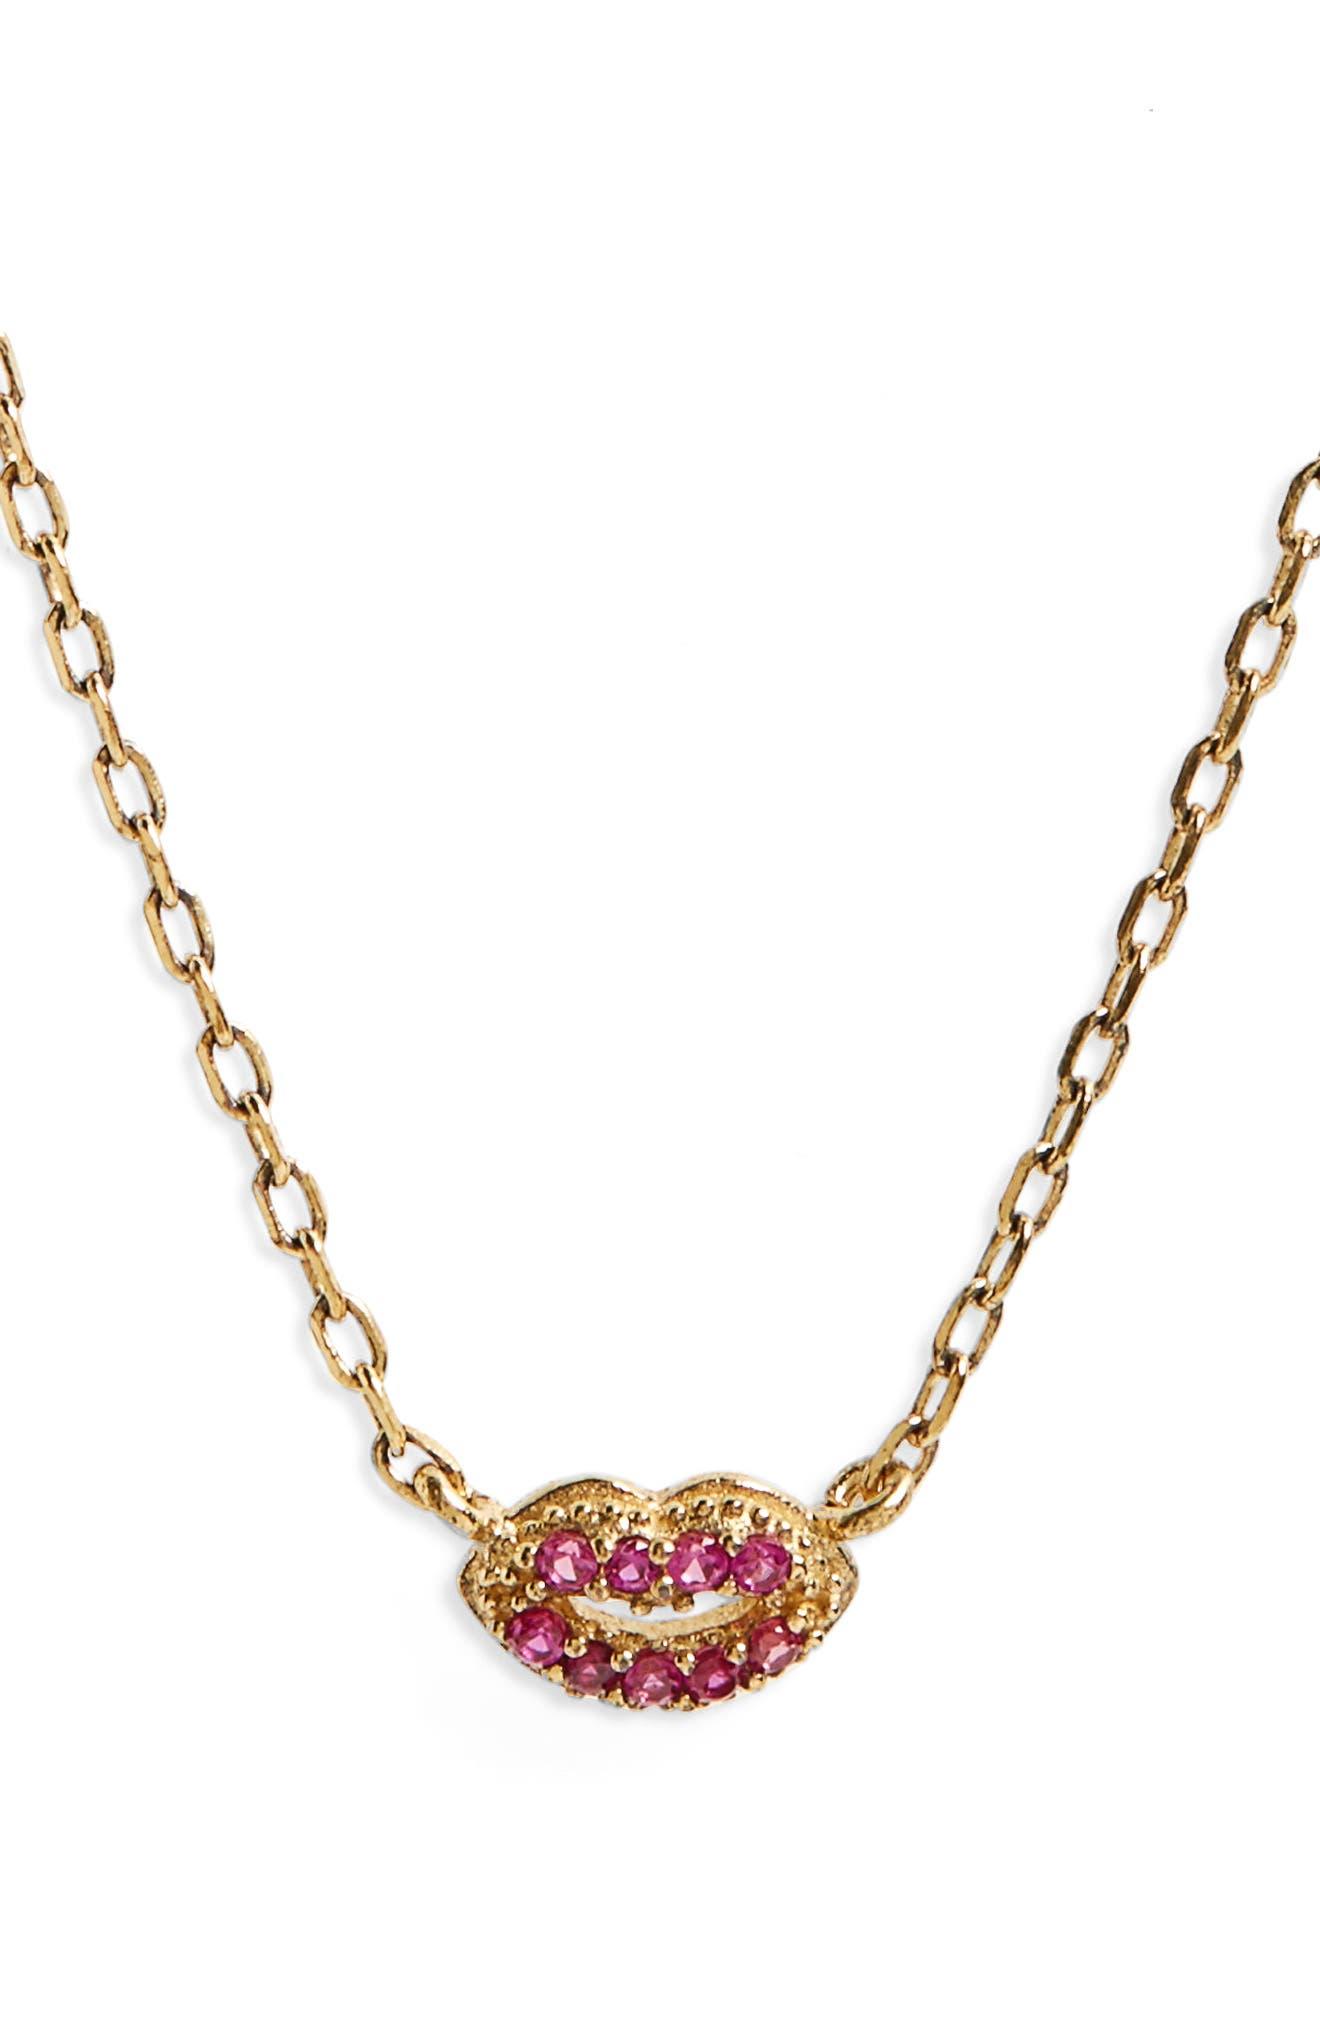 Lips Pendant Necklace,                             Main thumbnail 1, color,                             710